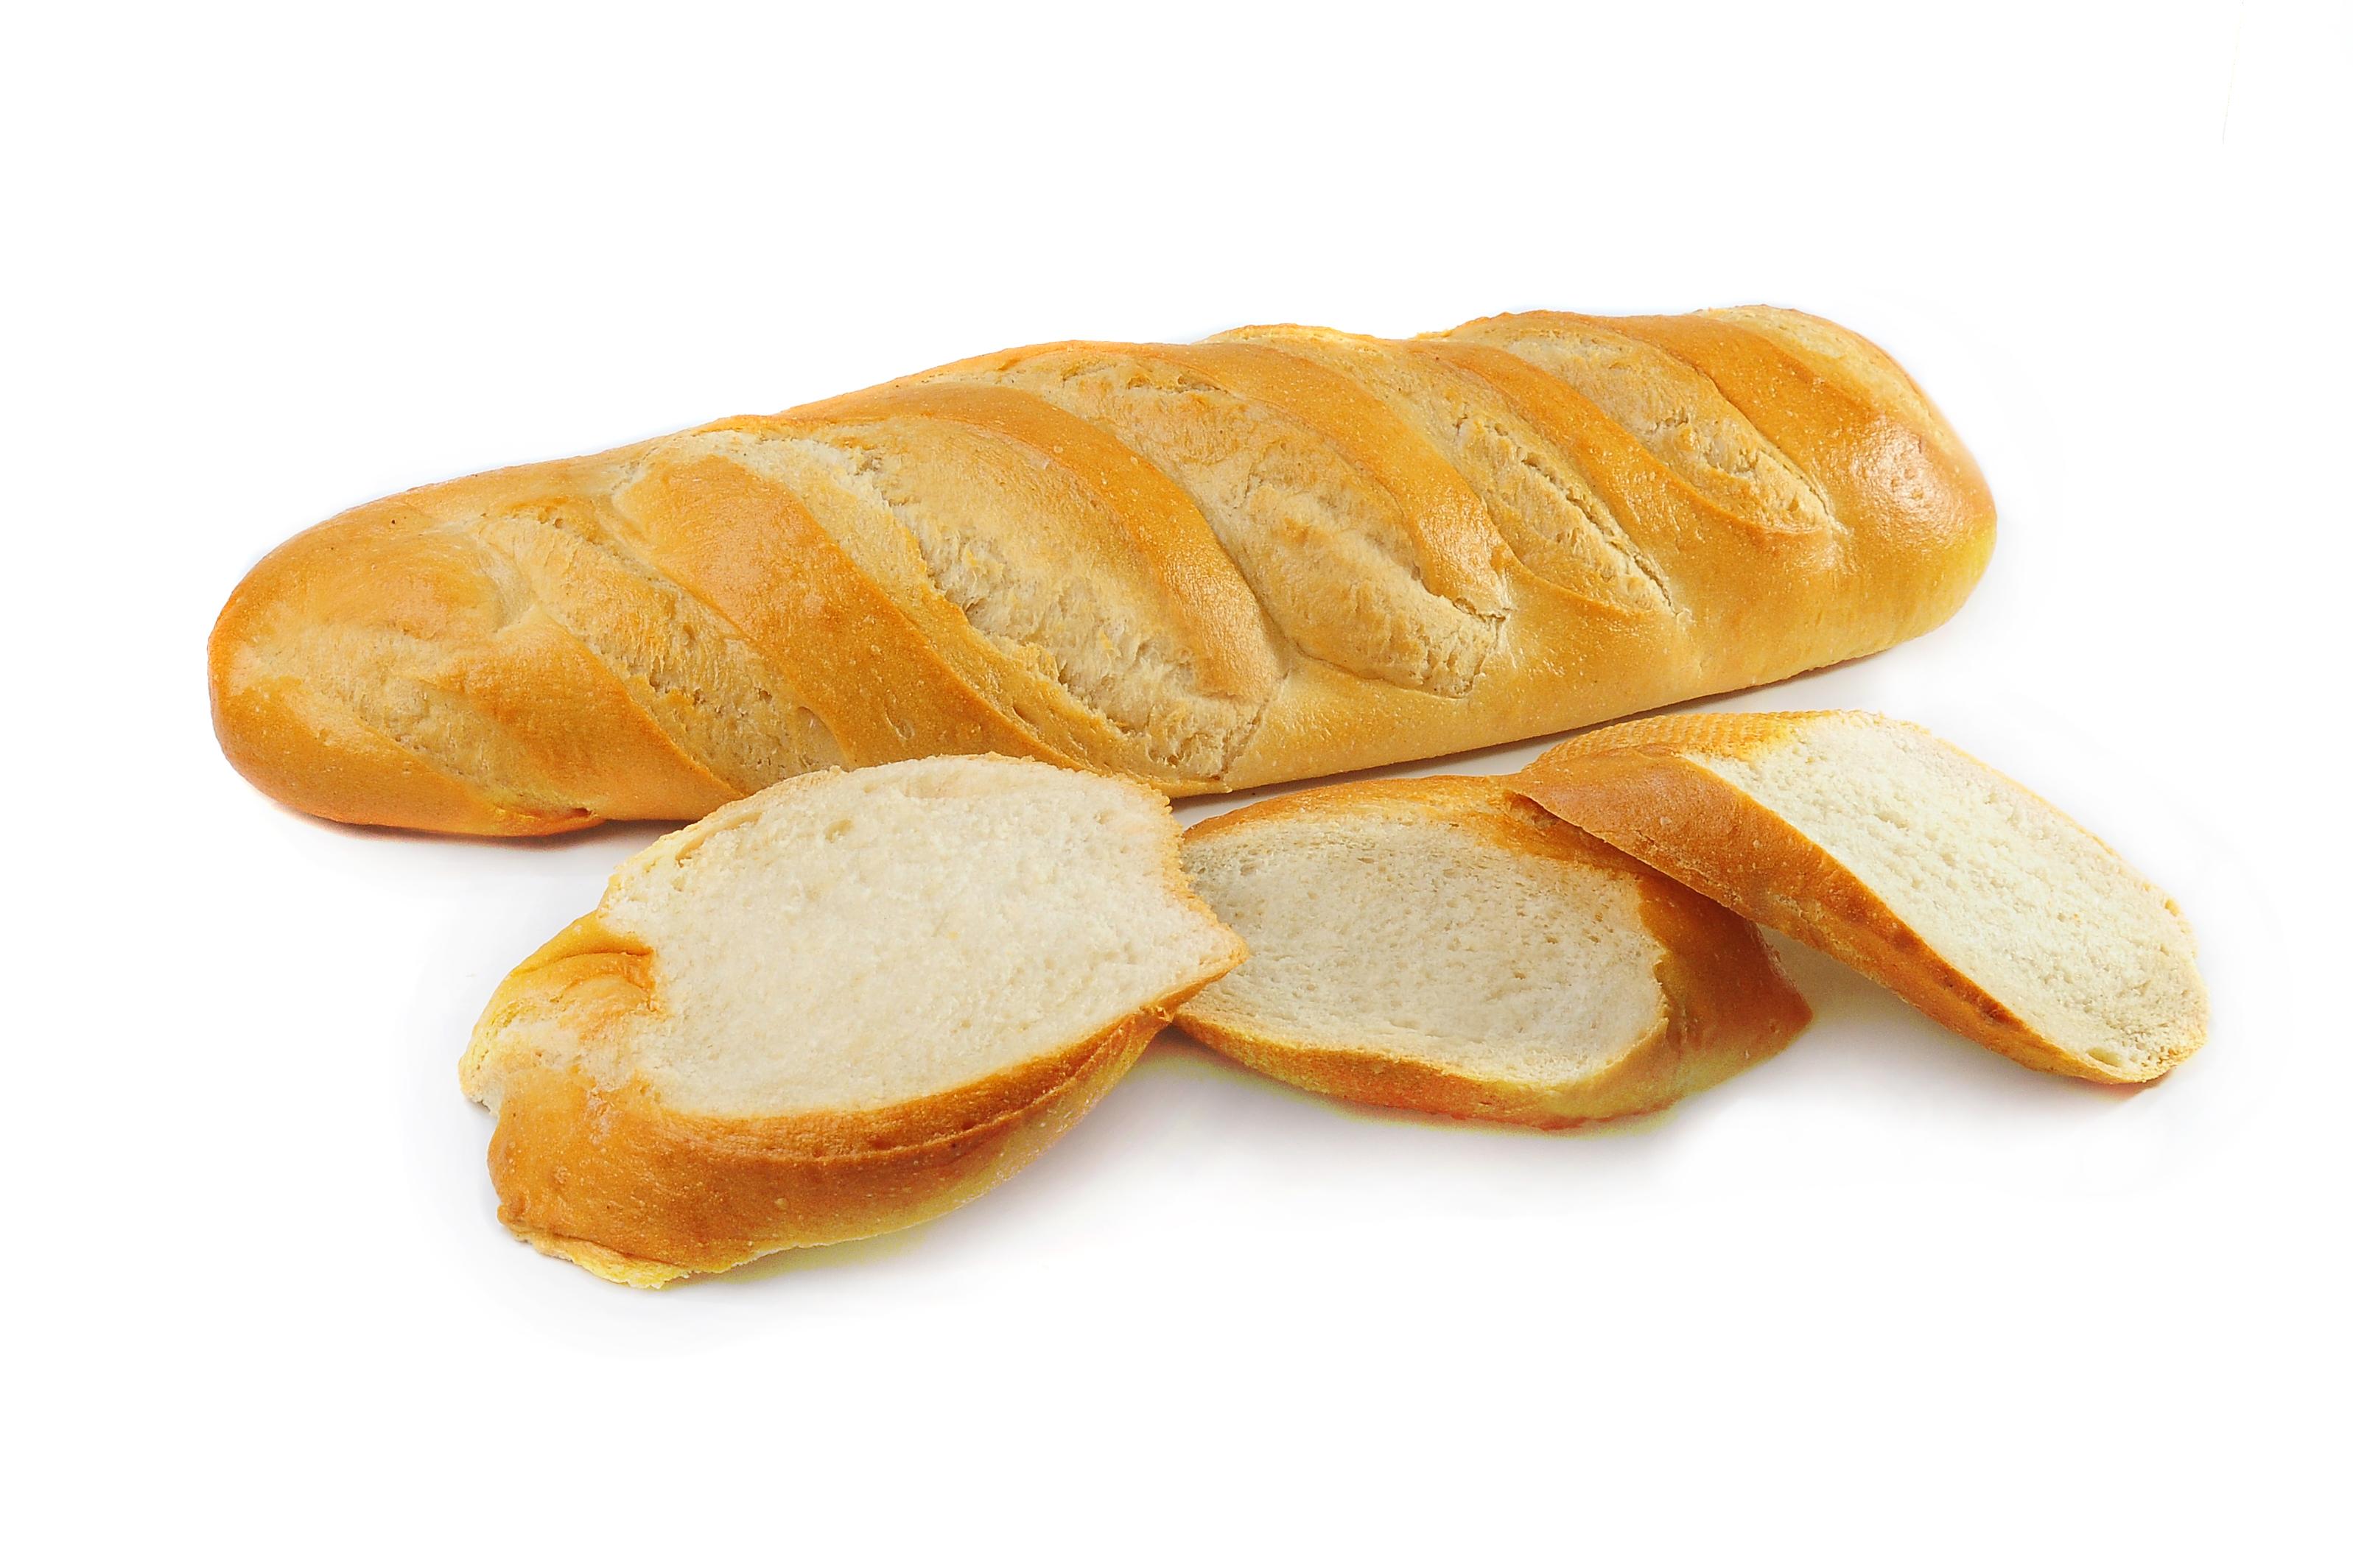 Pan de torrijas - Pan de torrijas